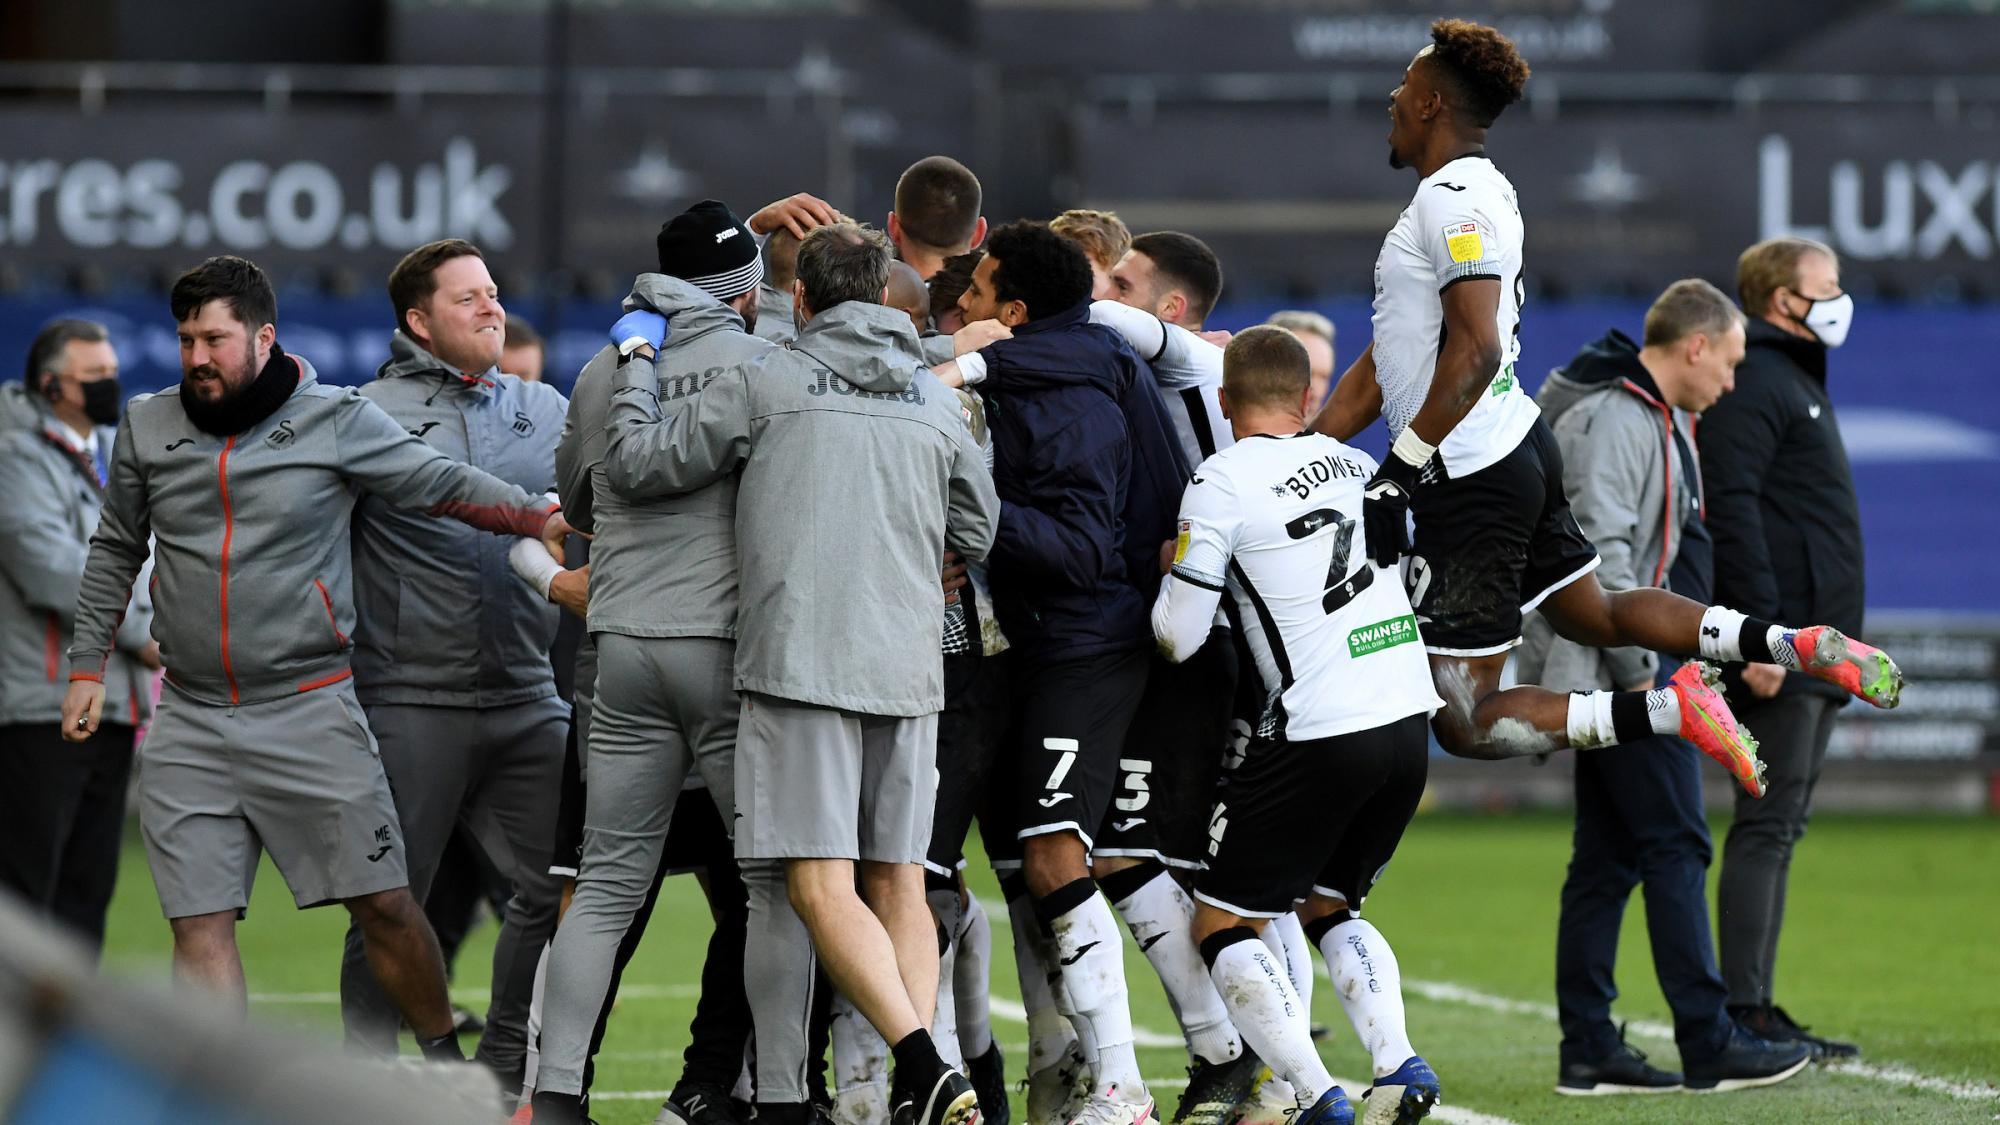 Swansea City goalkeeper Freddie Woodman lauds Andre Ayew's leadership qualities